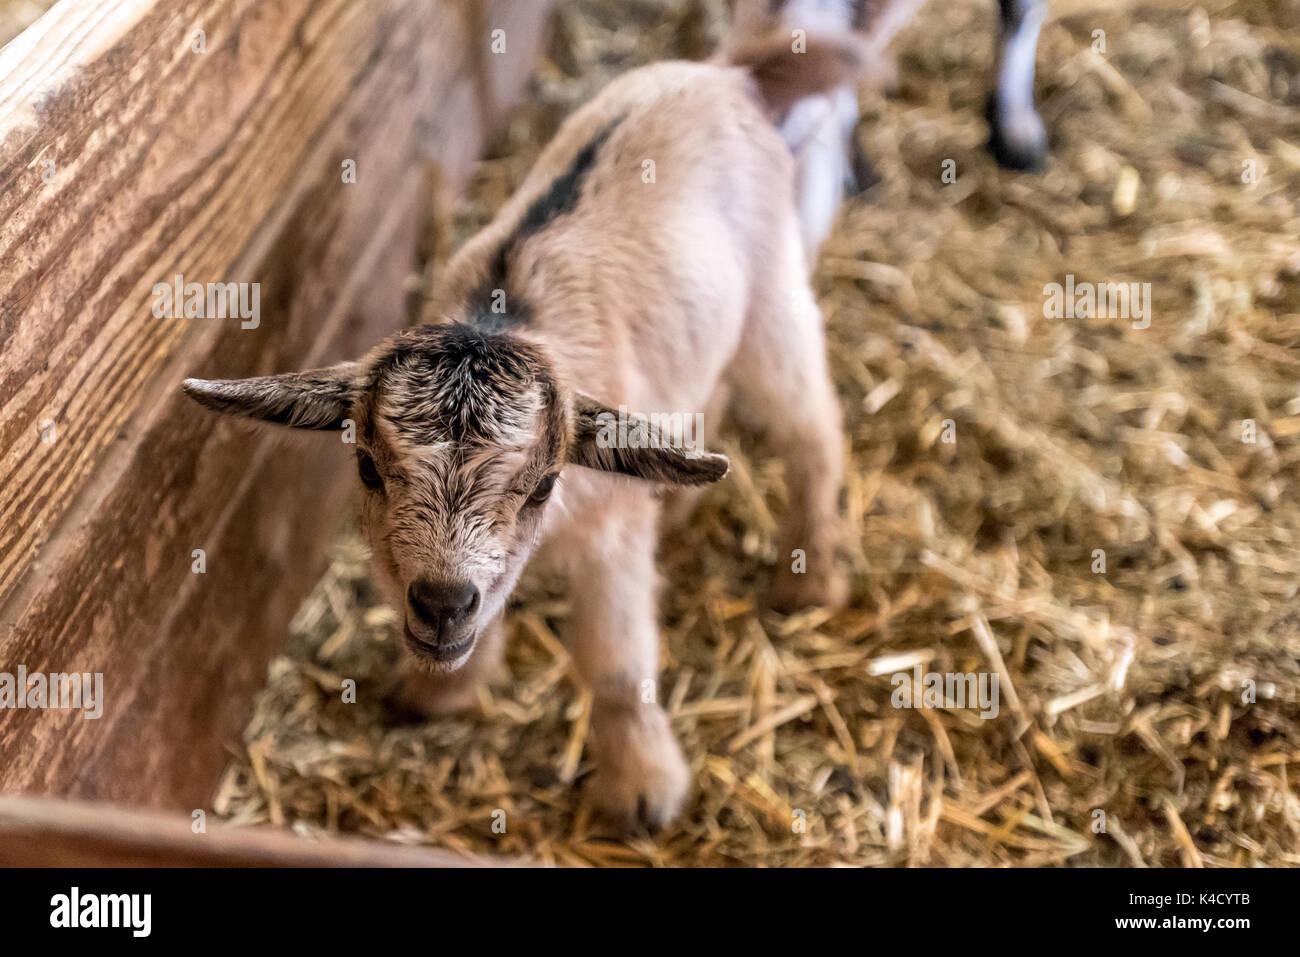 Un bebé recién nacido está en Cabra wobbly legs, cerca de granja animal lindo en el granero. Imagen De Stock